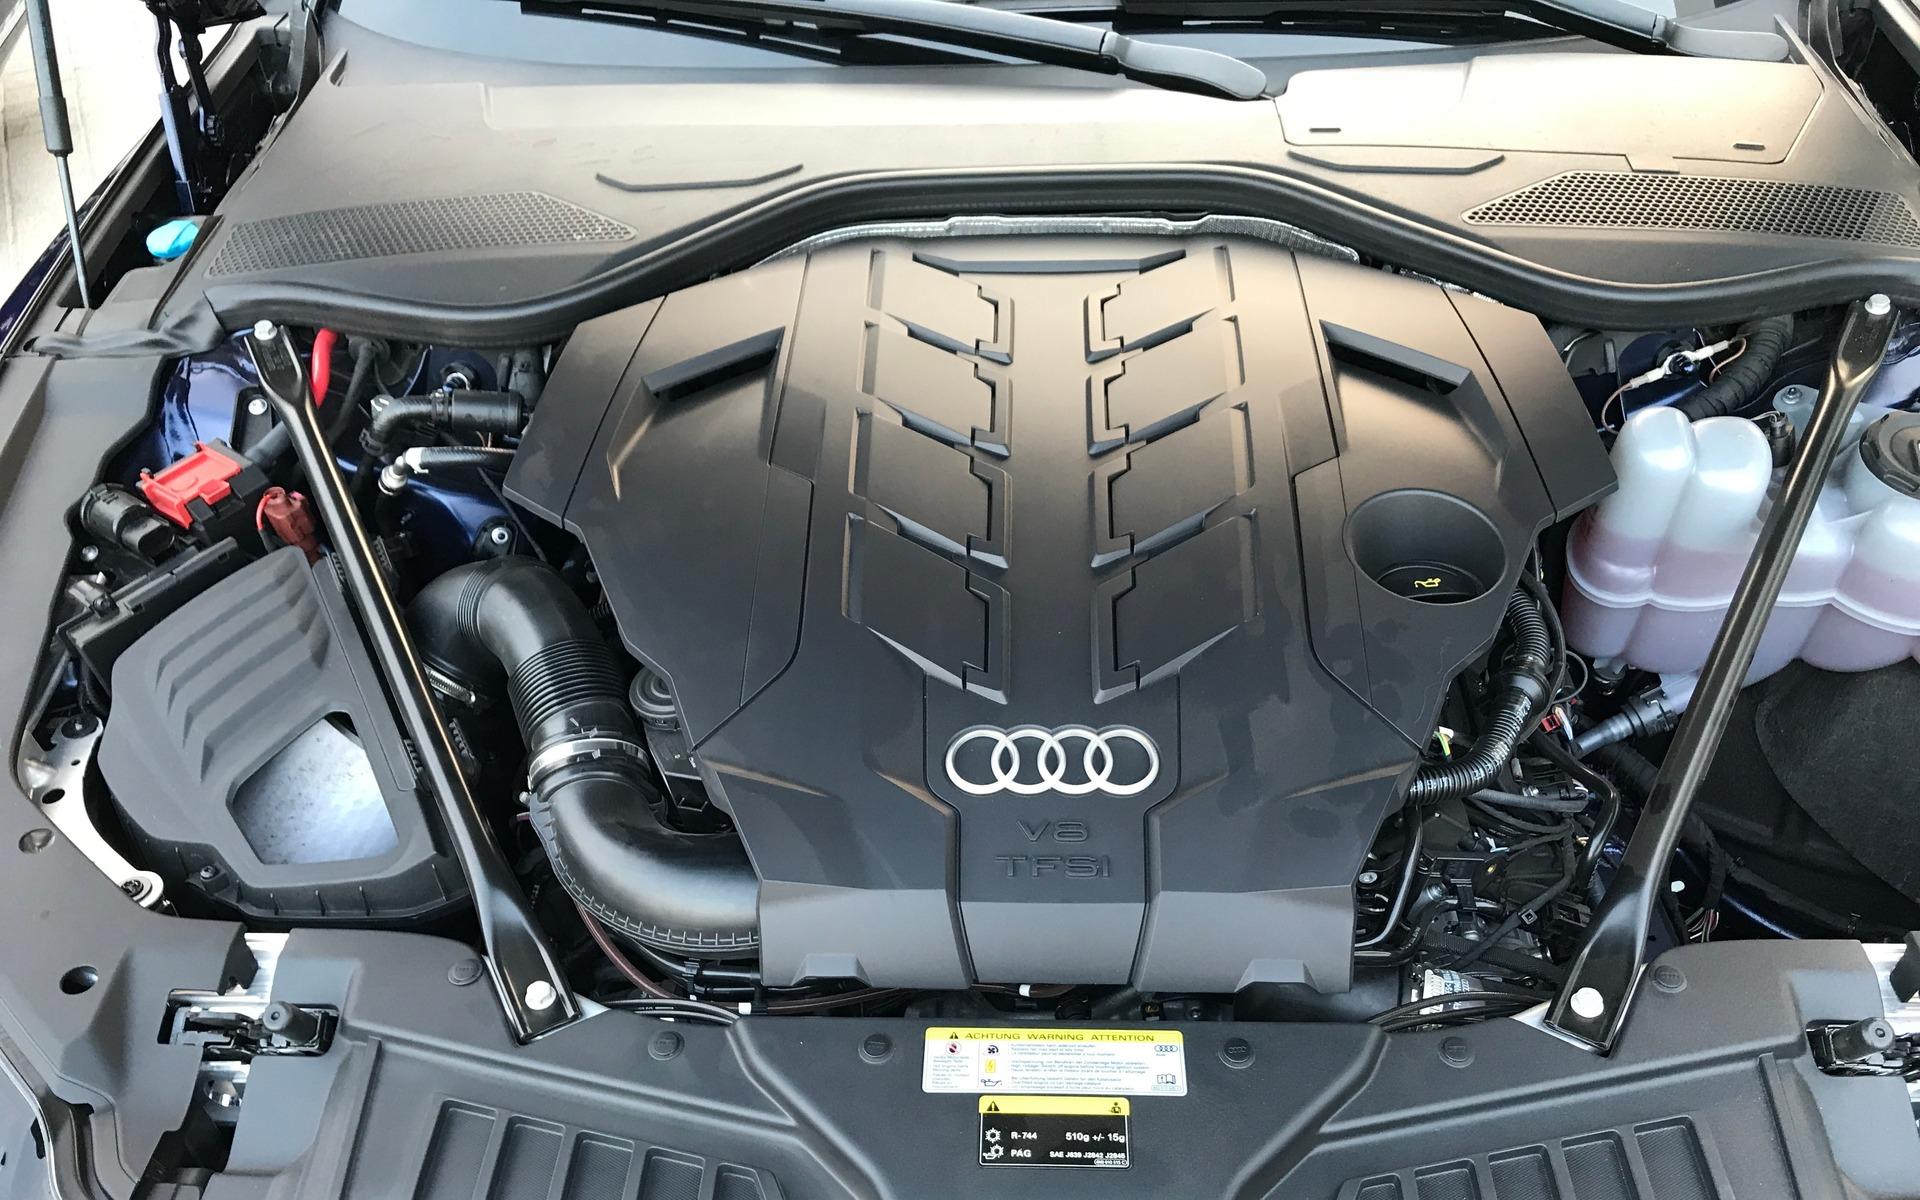 <p>Audi A82019 - Moteur V8 biturbo de 4,0 litres de la A8 60 TFSI.</p>